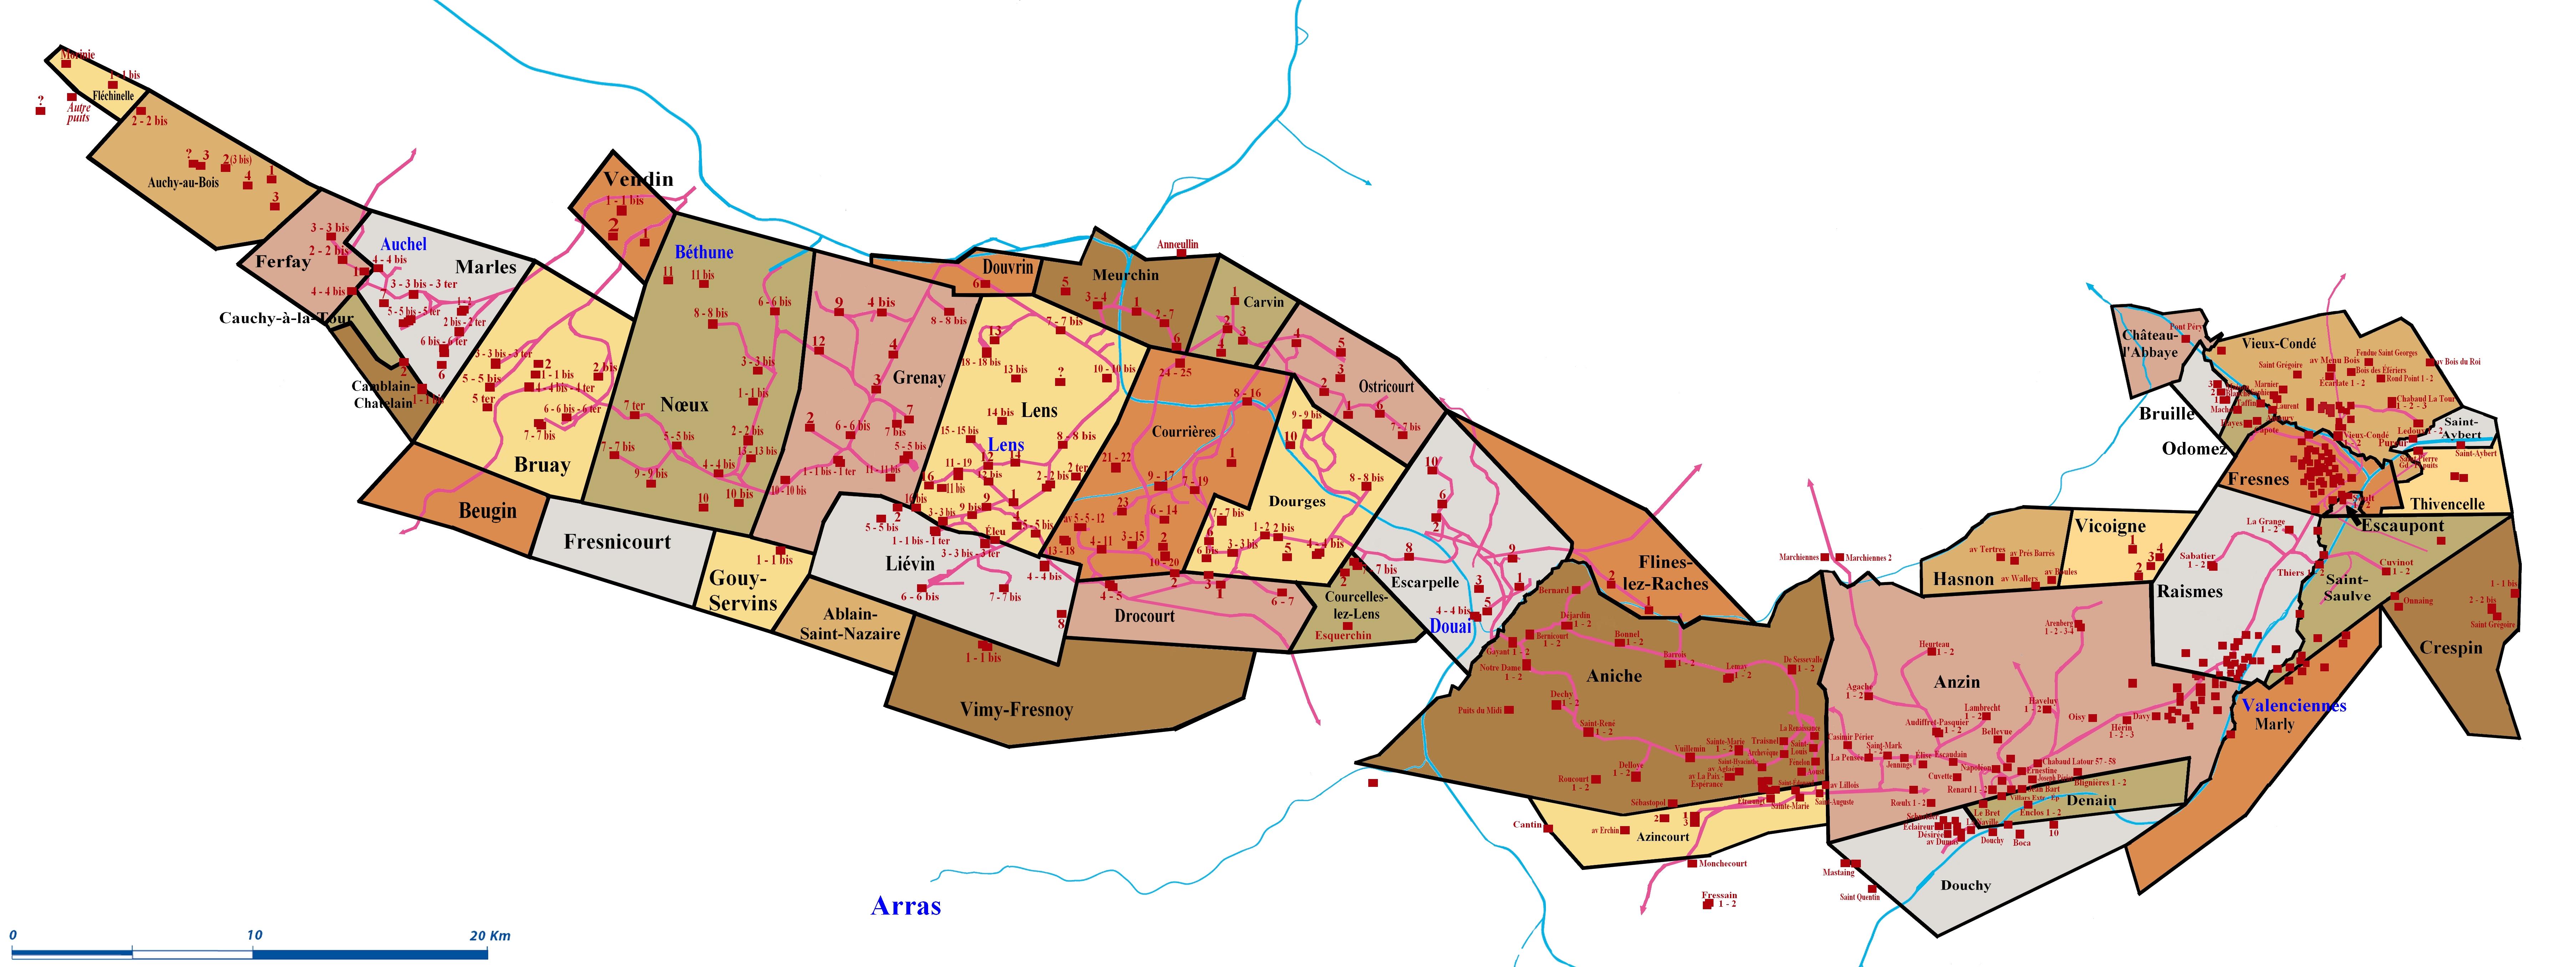 Cherche noms de certaines lignes de chemins de fer ou de cavaliers nord pas de calais - Bassin recreatif ancienne lorette calais ...